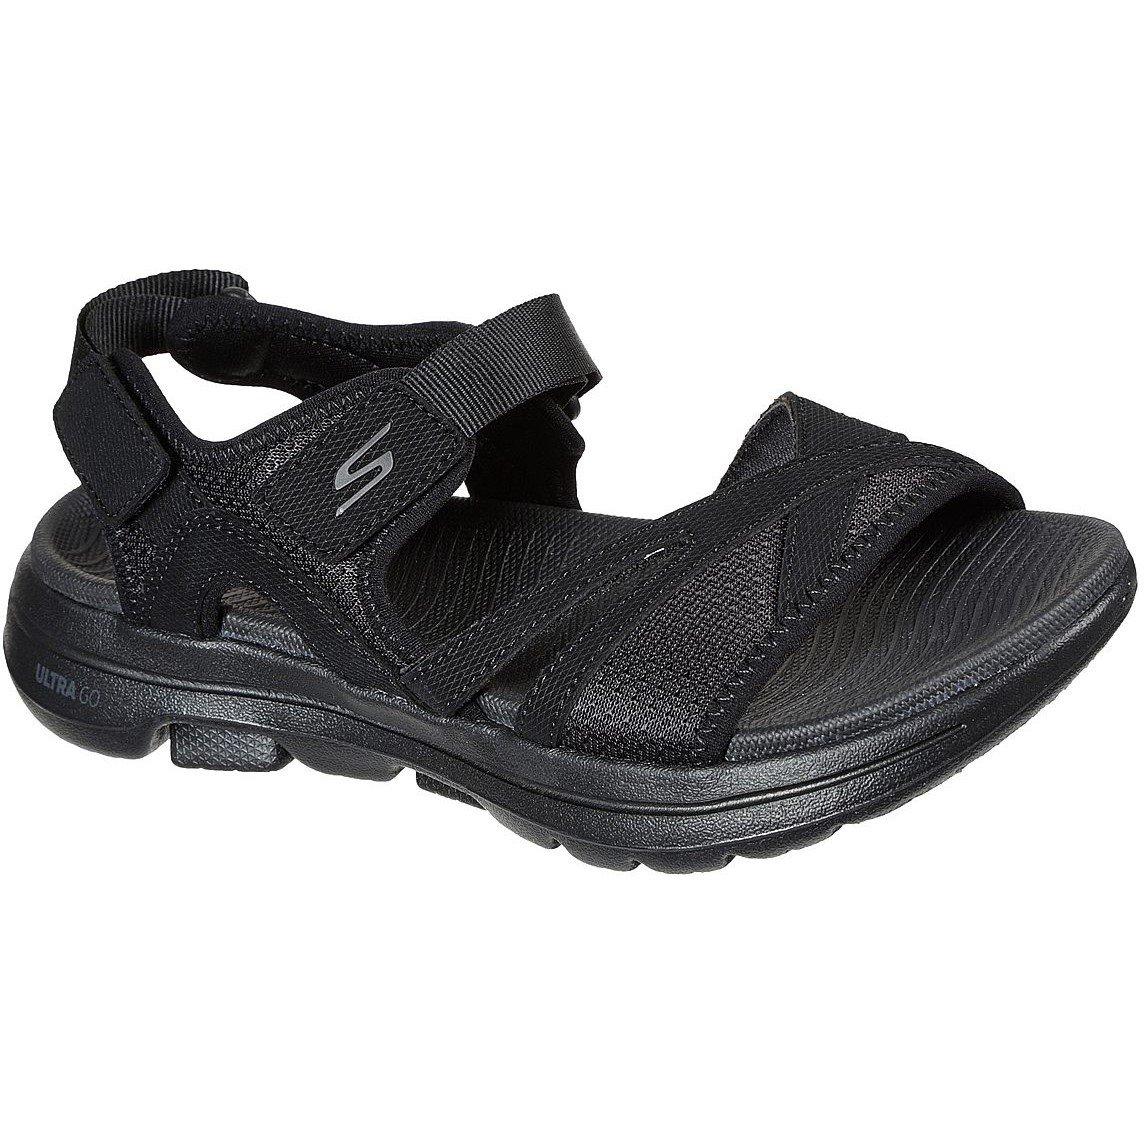 Skechers Women's Go Walk 5 Restored Summer Sandal Black 32155 - Black 6